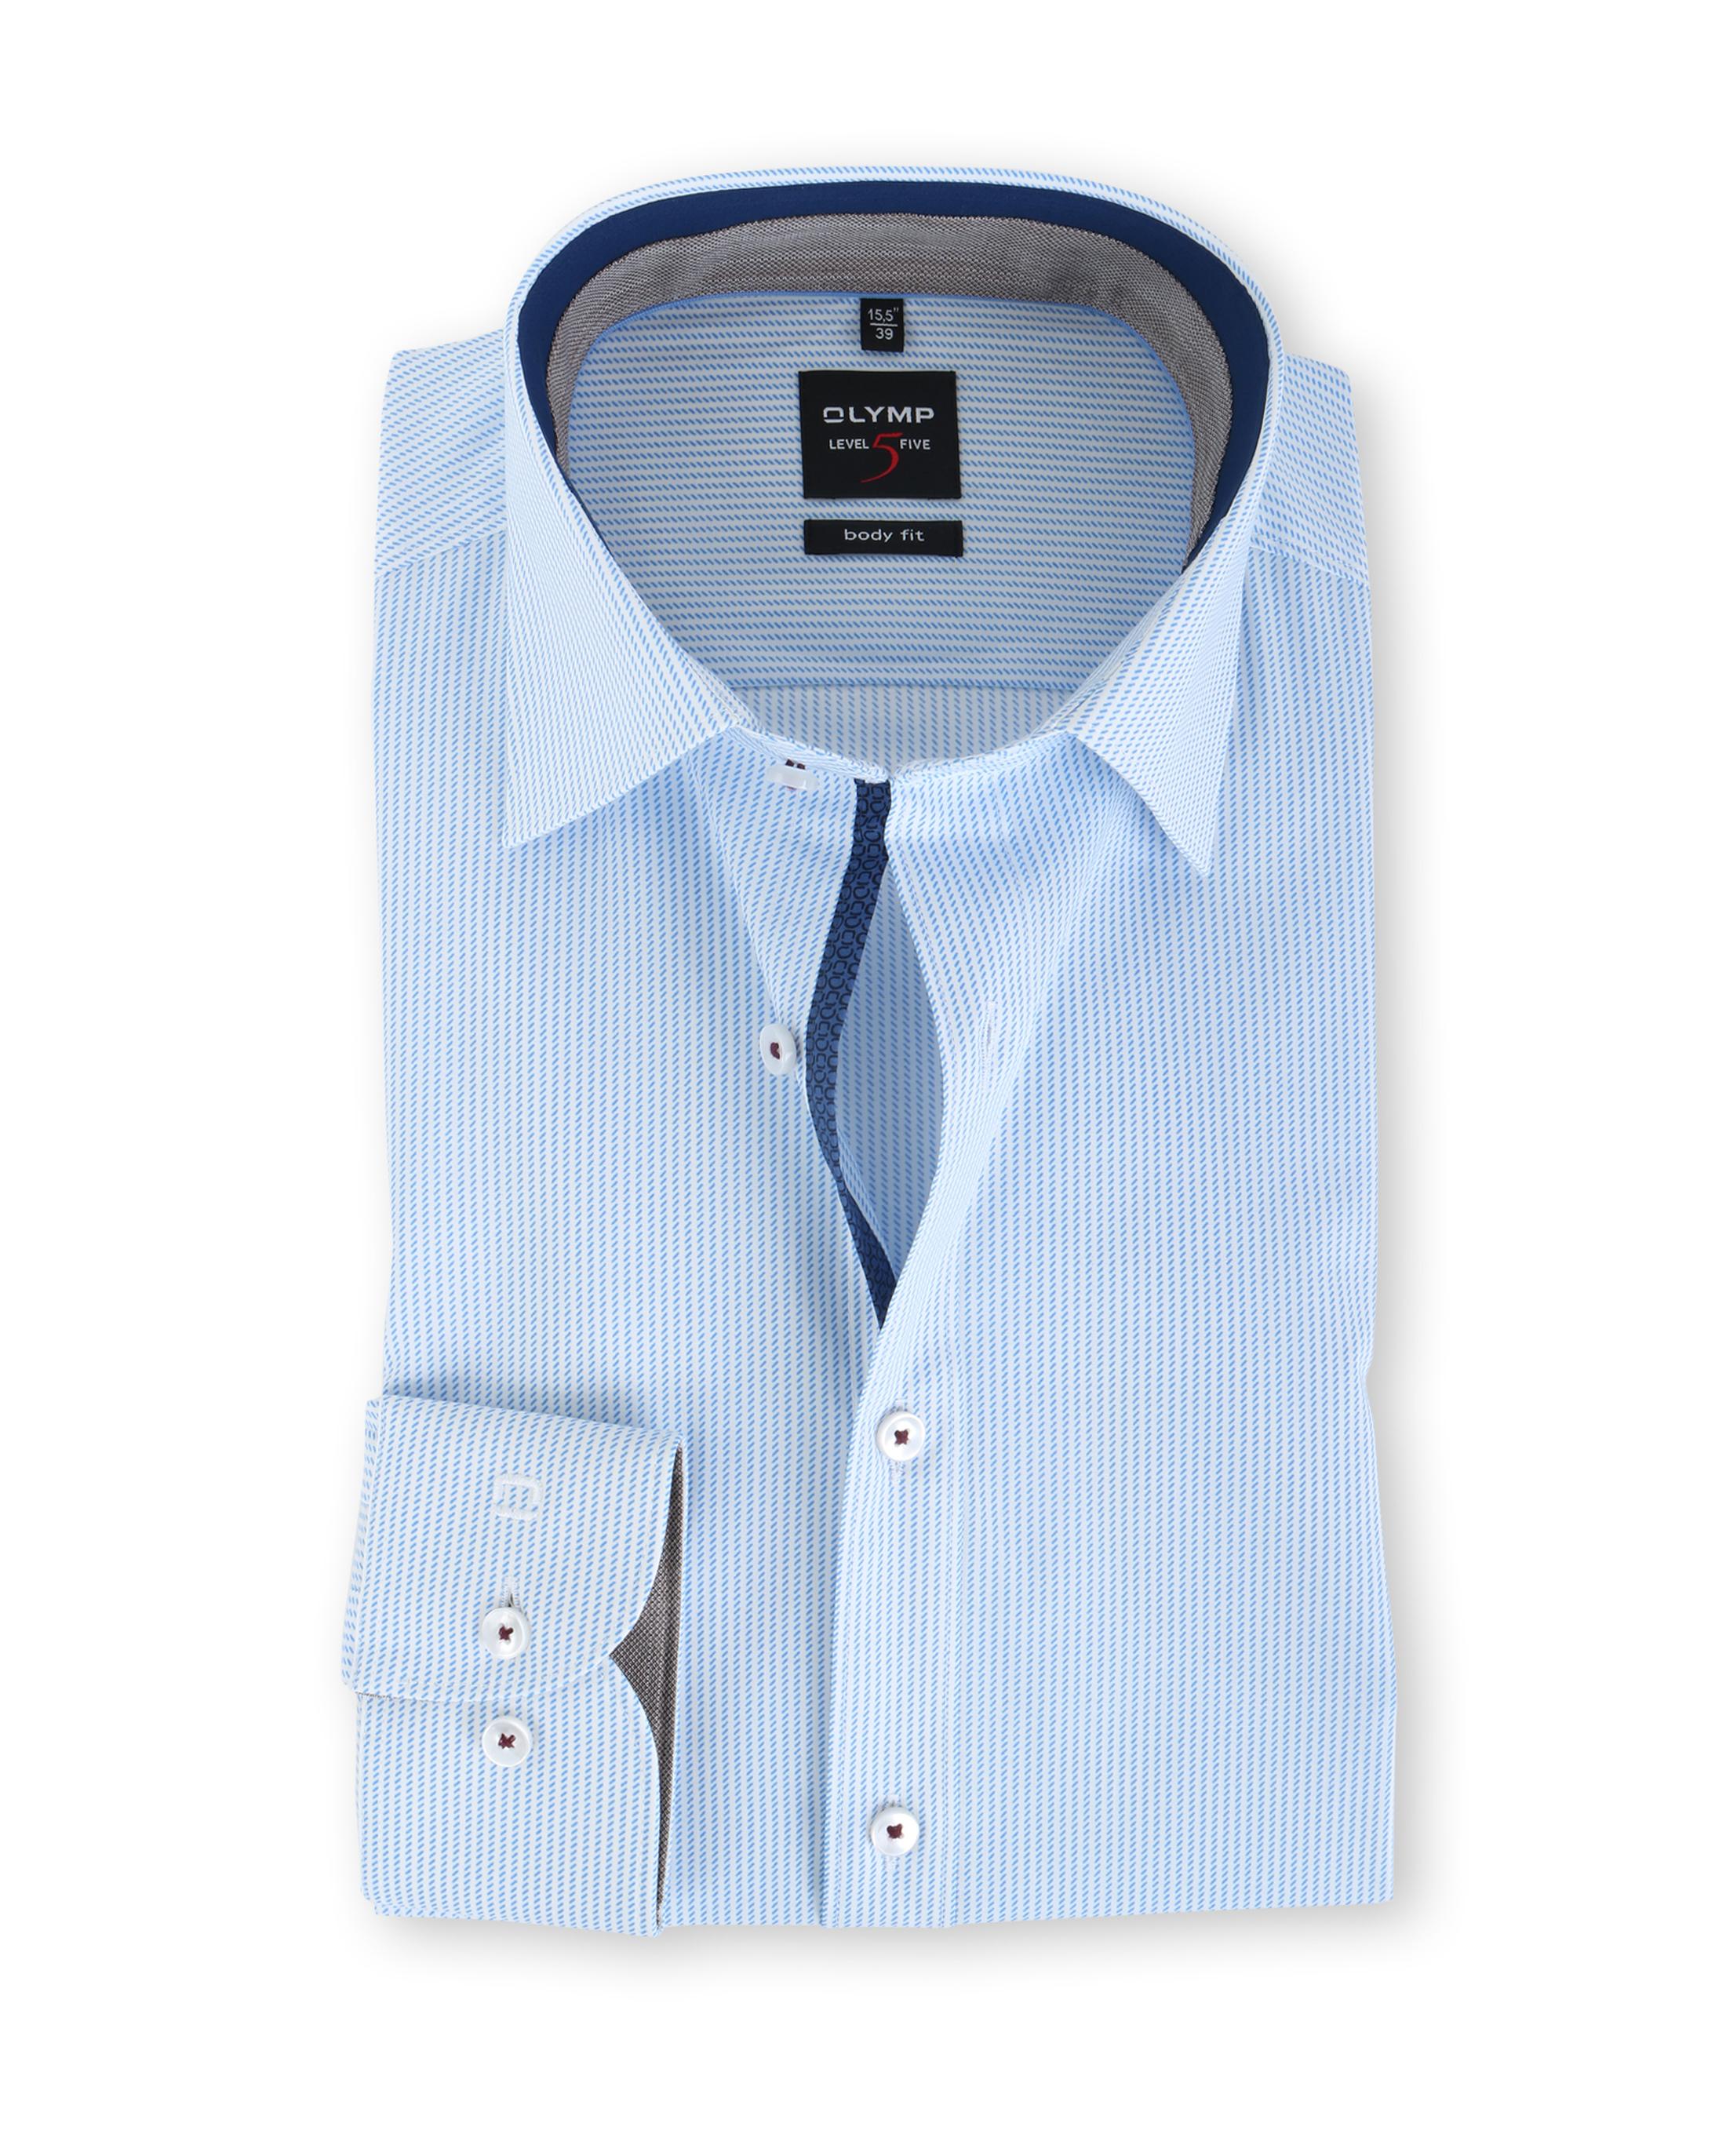 olymp body fit shirt blue stripe. Black Bedroom Furniture Sets. Home Design Ideas